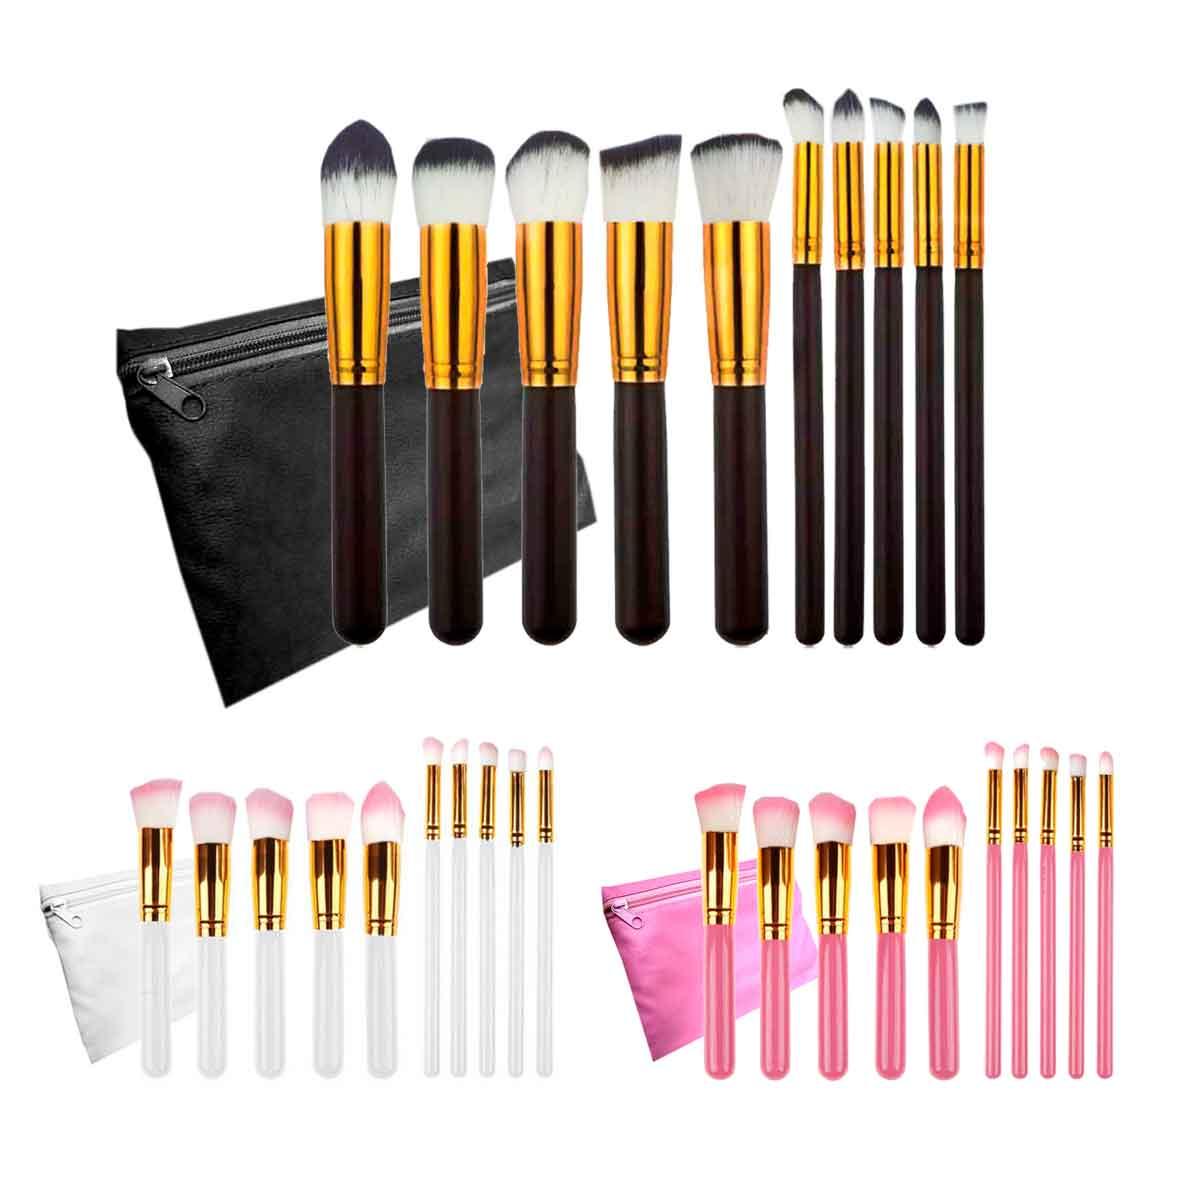 Kit 10 Pincéis Maquiagem Pincel Estojo Profissional